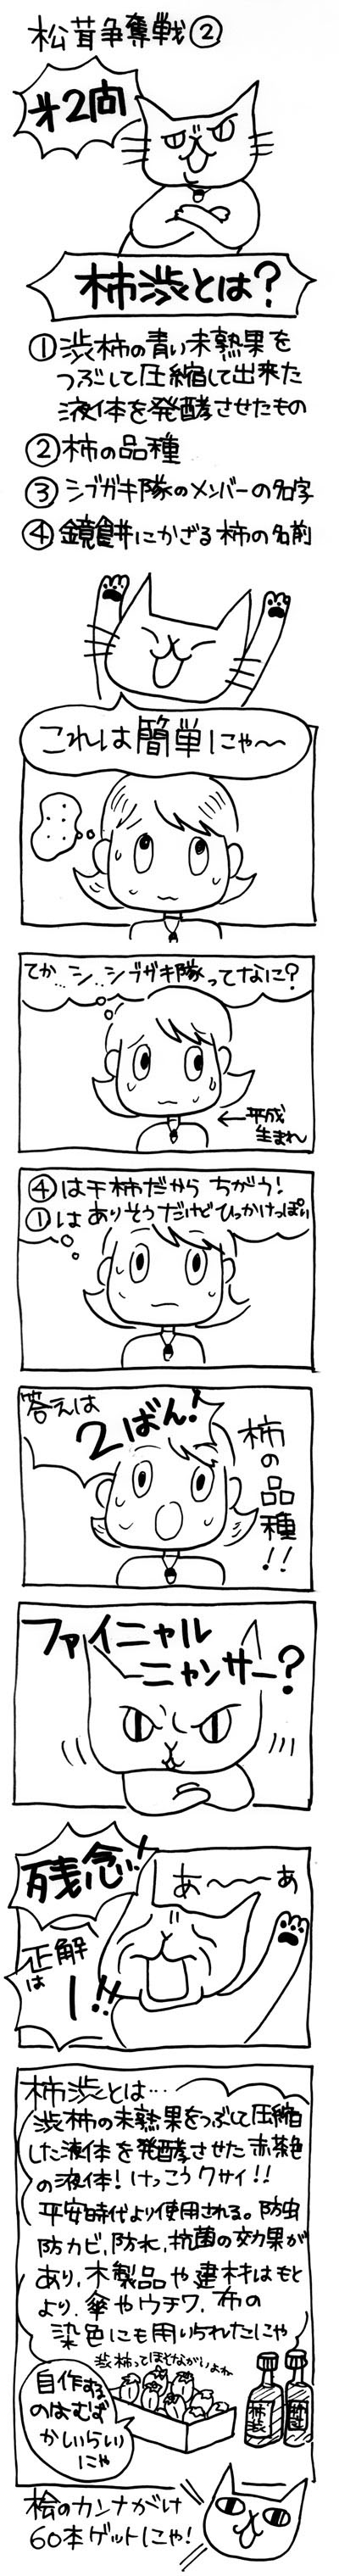 木工漫画 松茸争奪戦 20928